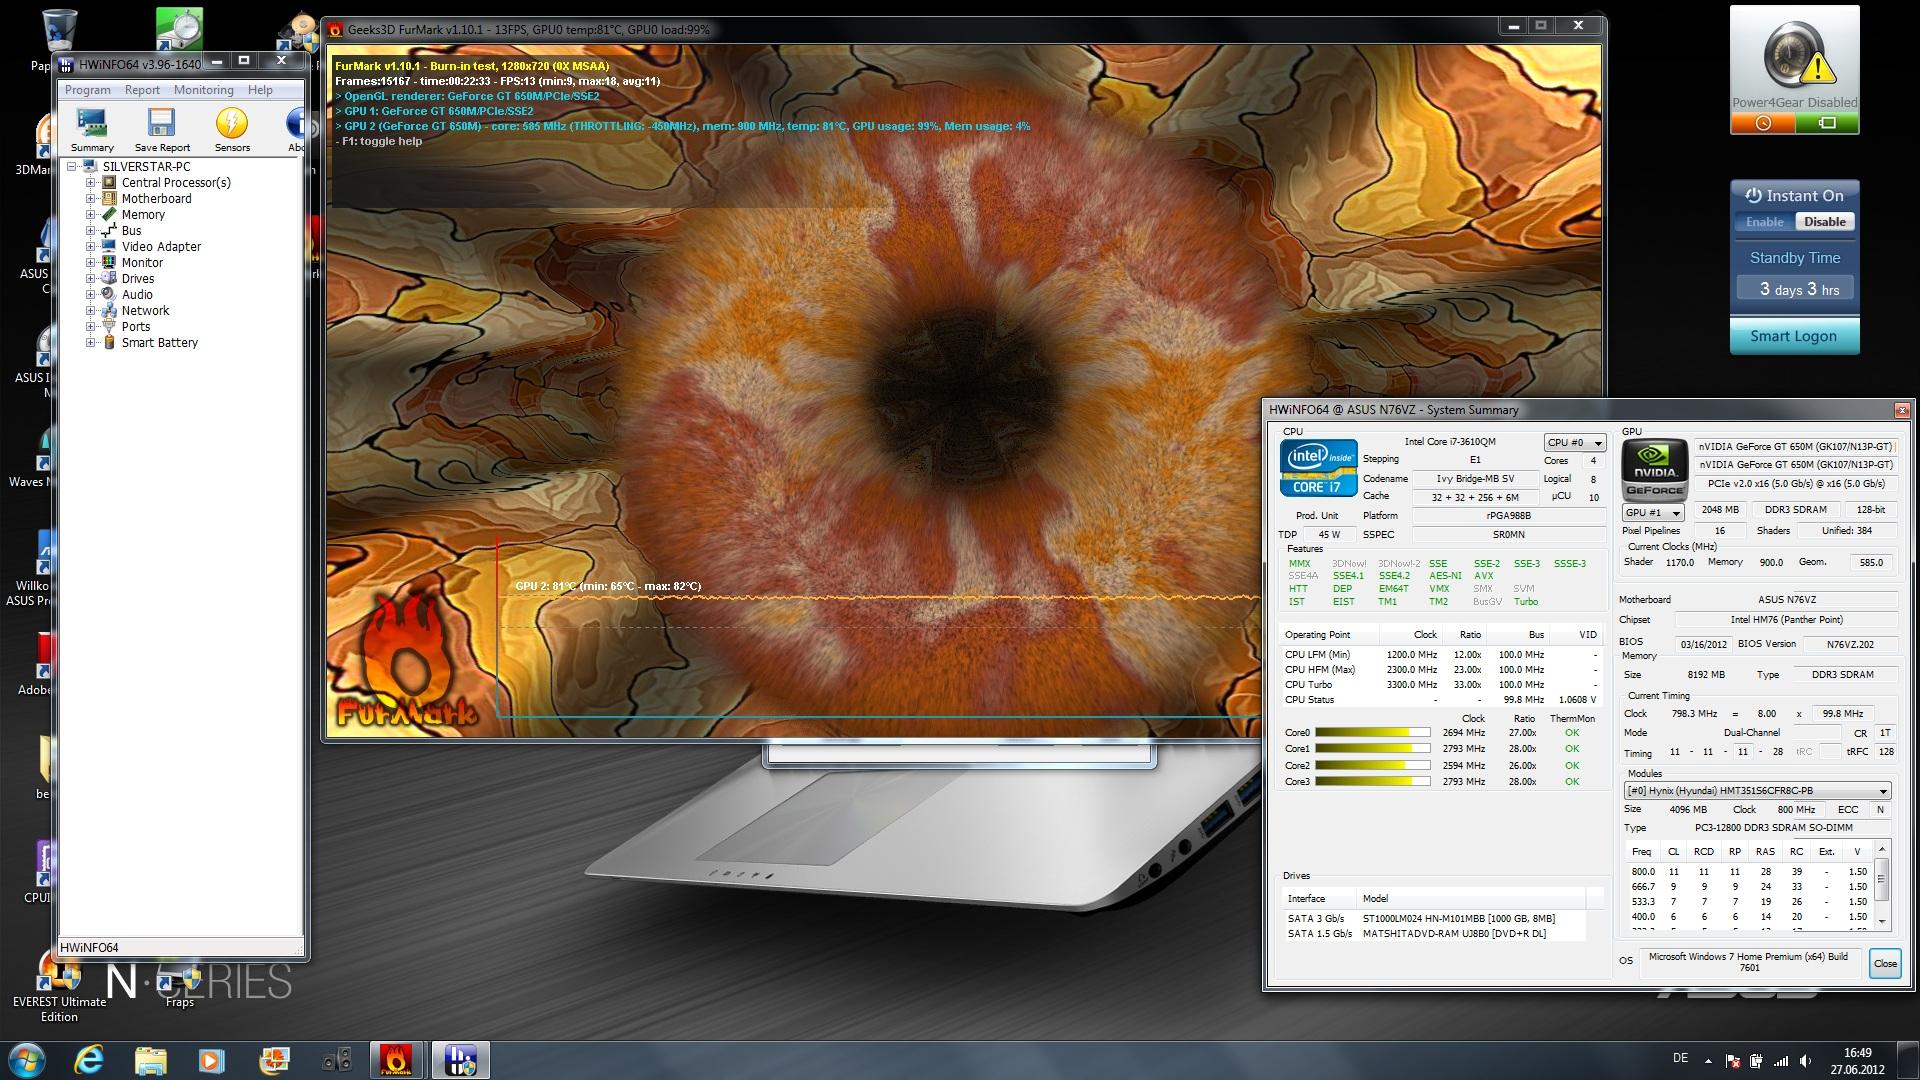 ASUS N76VM REALTEK AUDIO DRIVERS WINDOWS XP